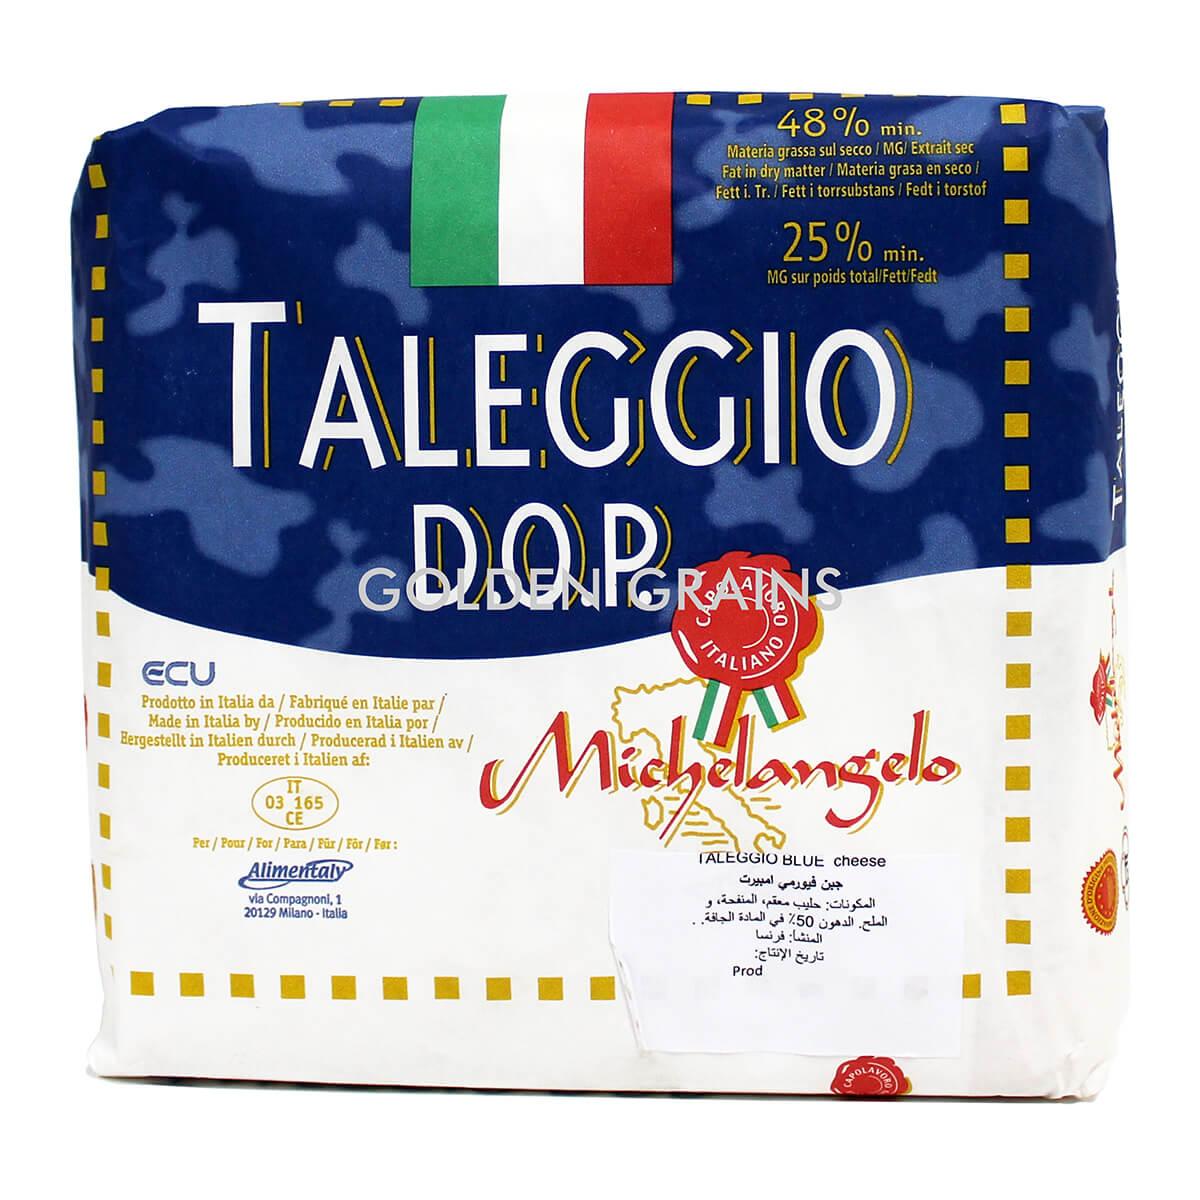 Michelangelo Taleggio